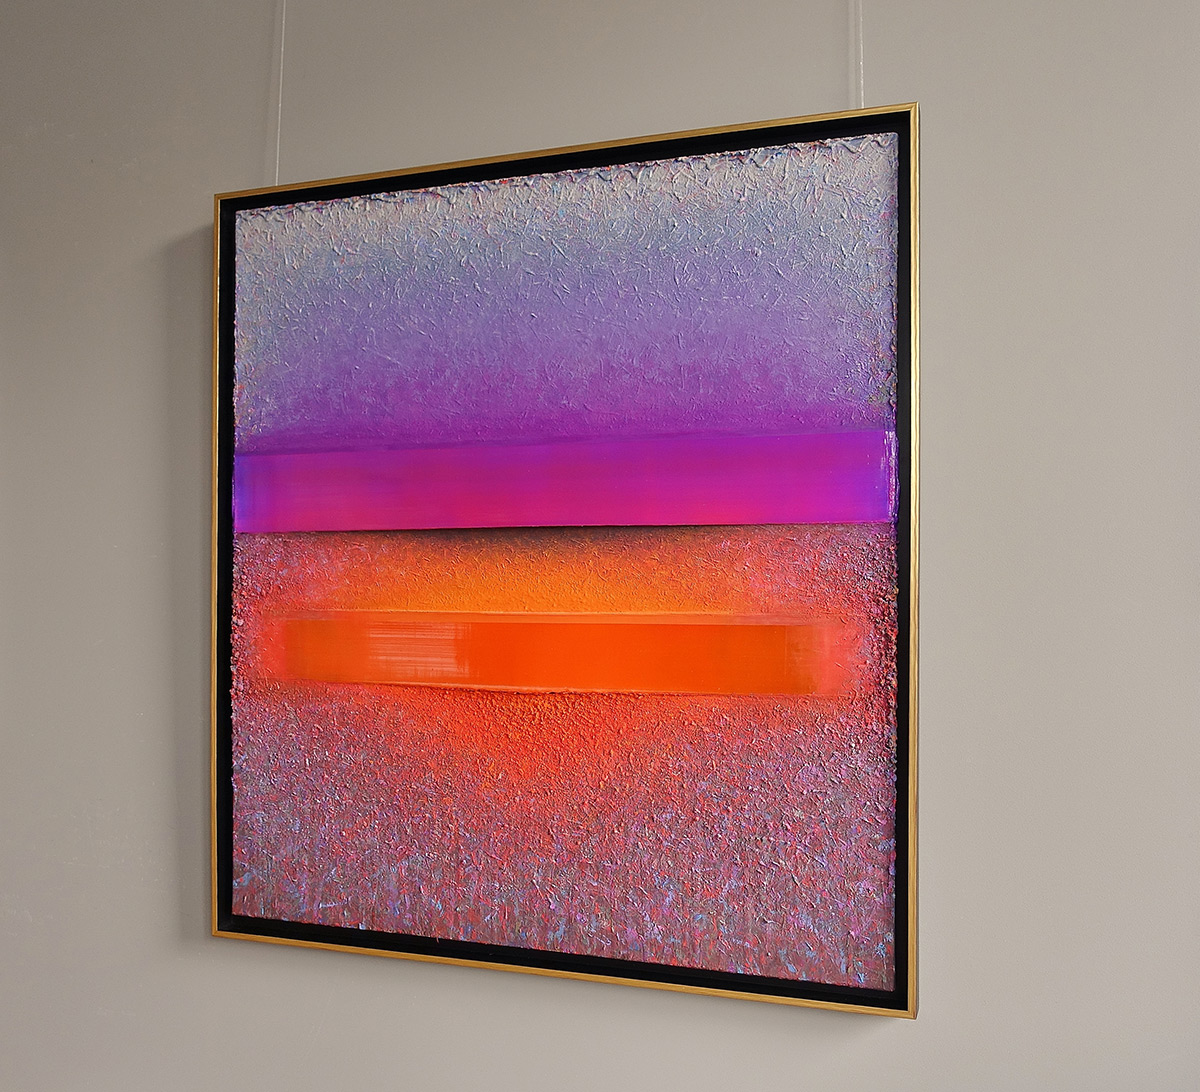 Sebastian Skoczylas : Flicker of violet